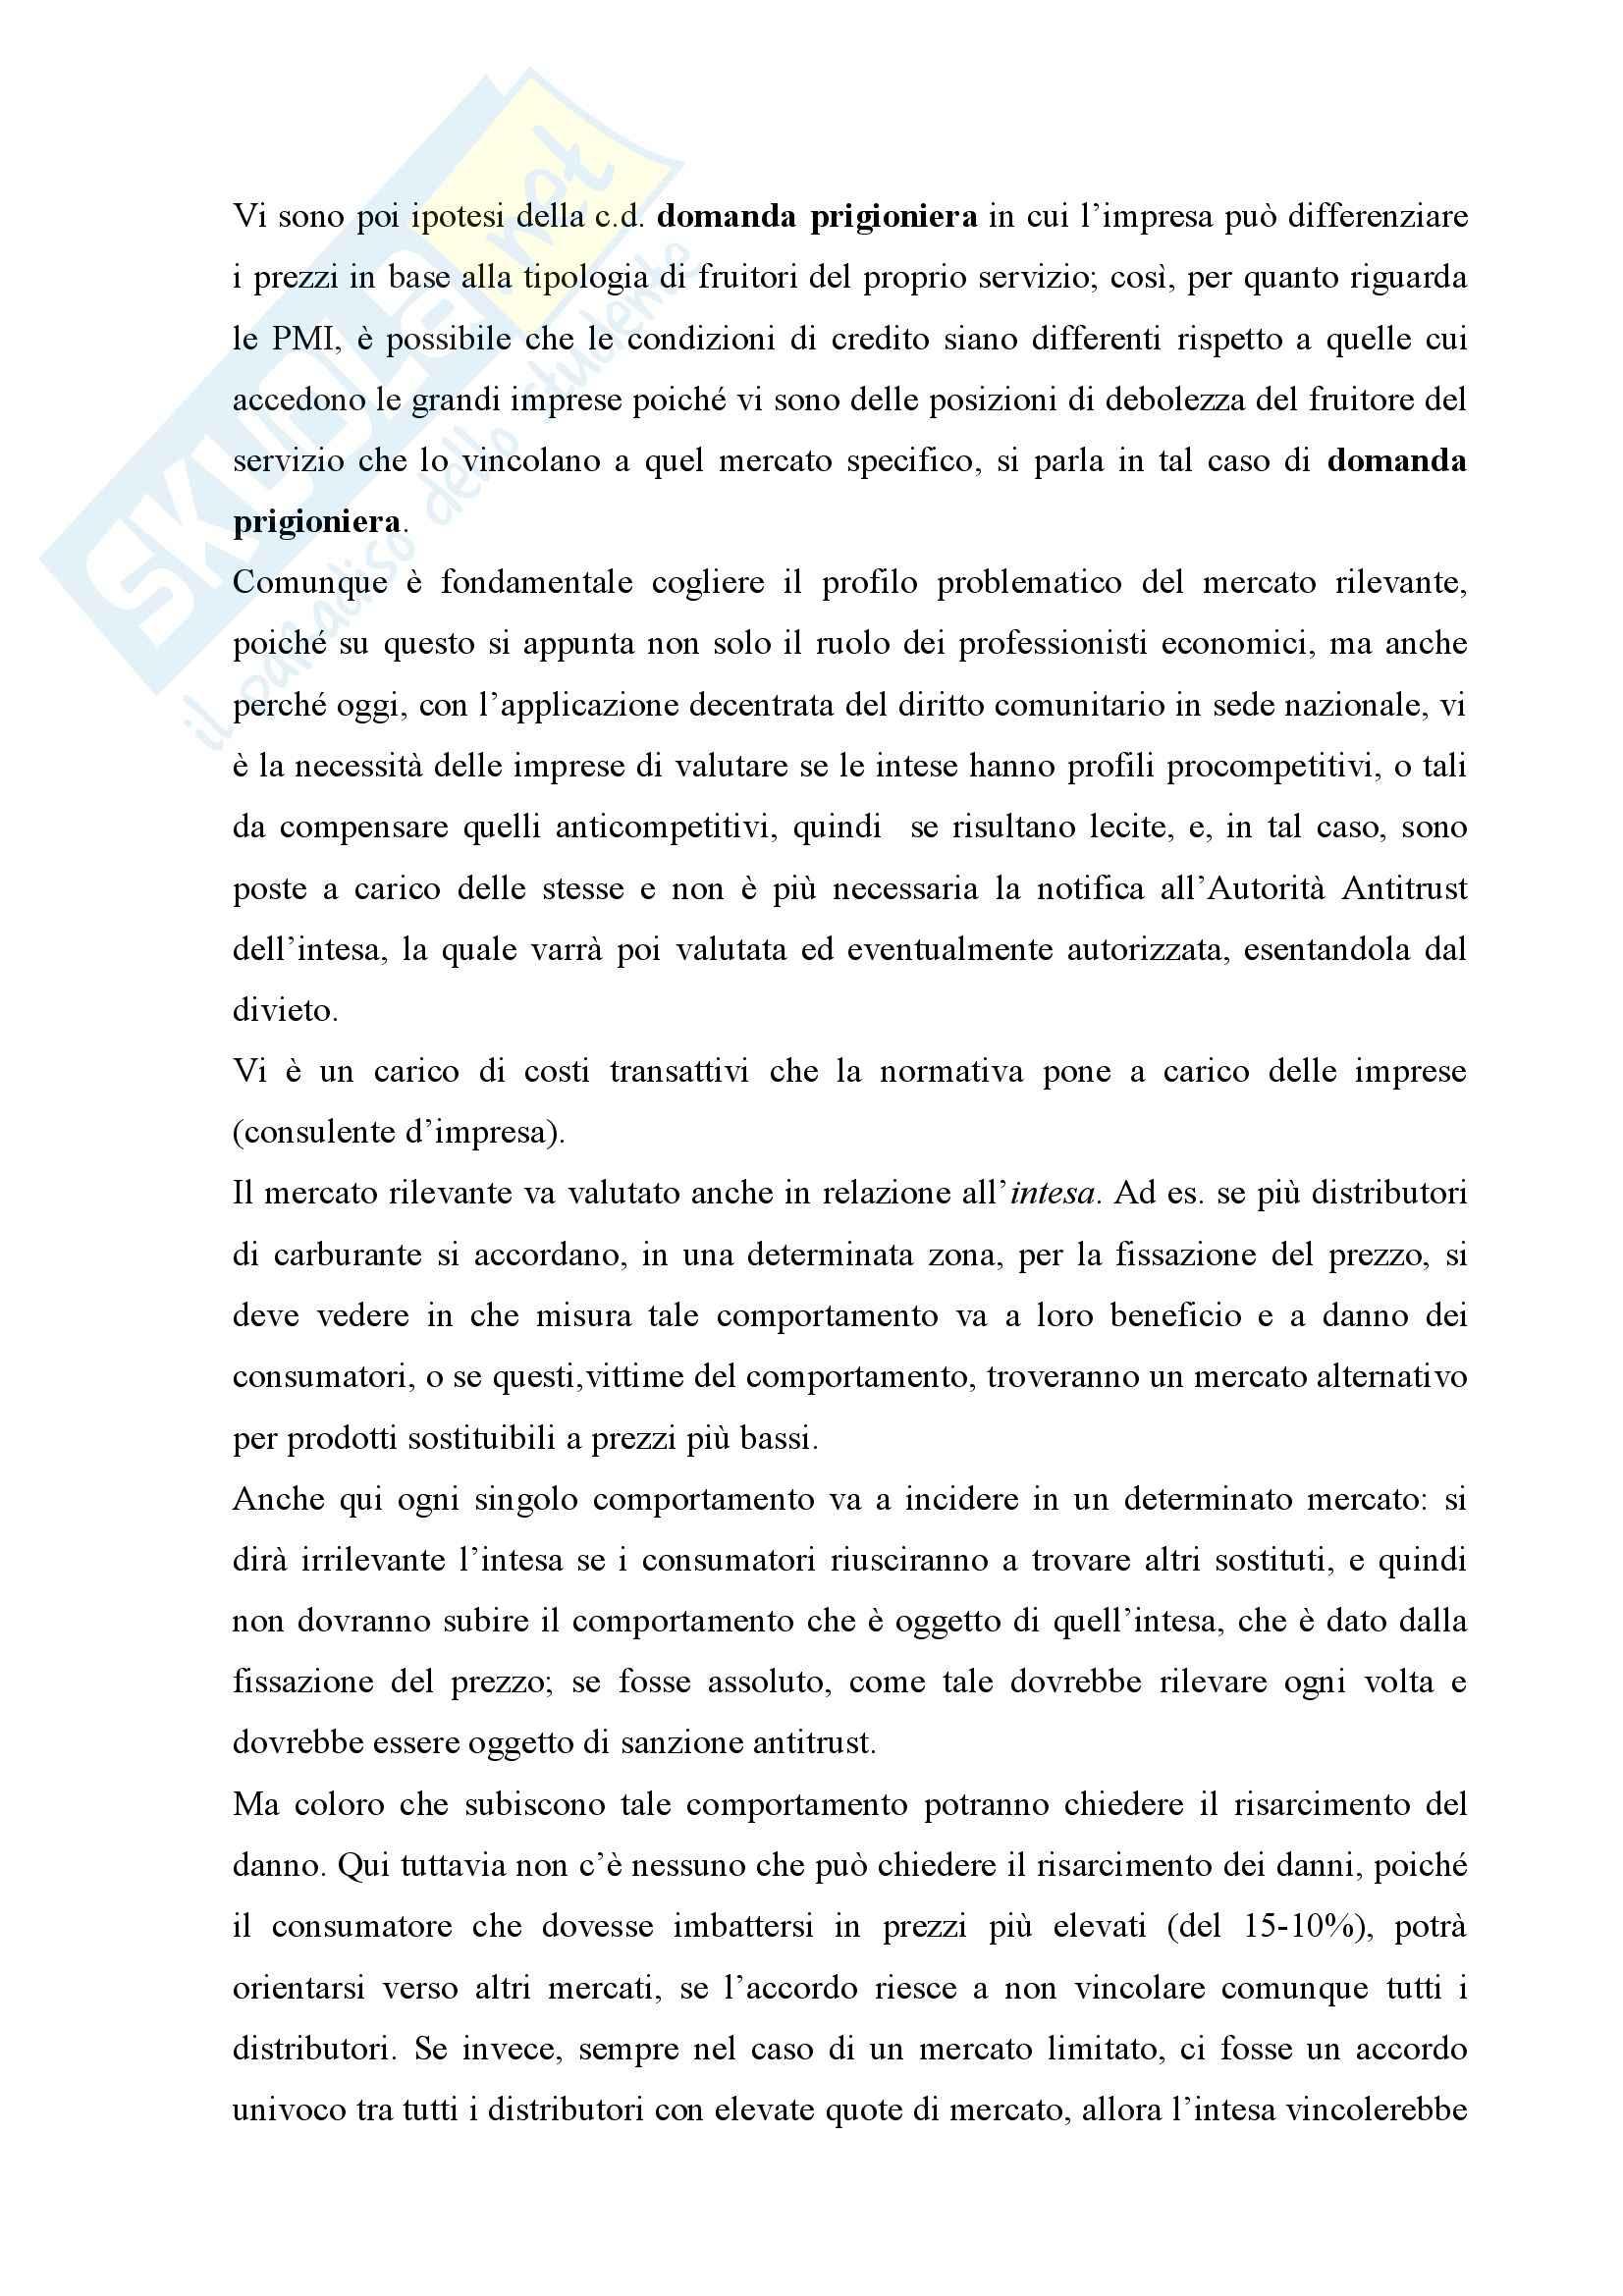 Diritto della concorrenza - Appunti Pag. 36